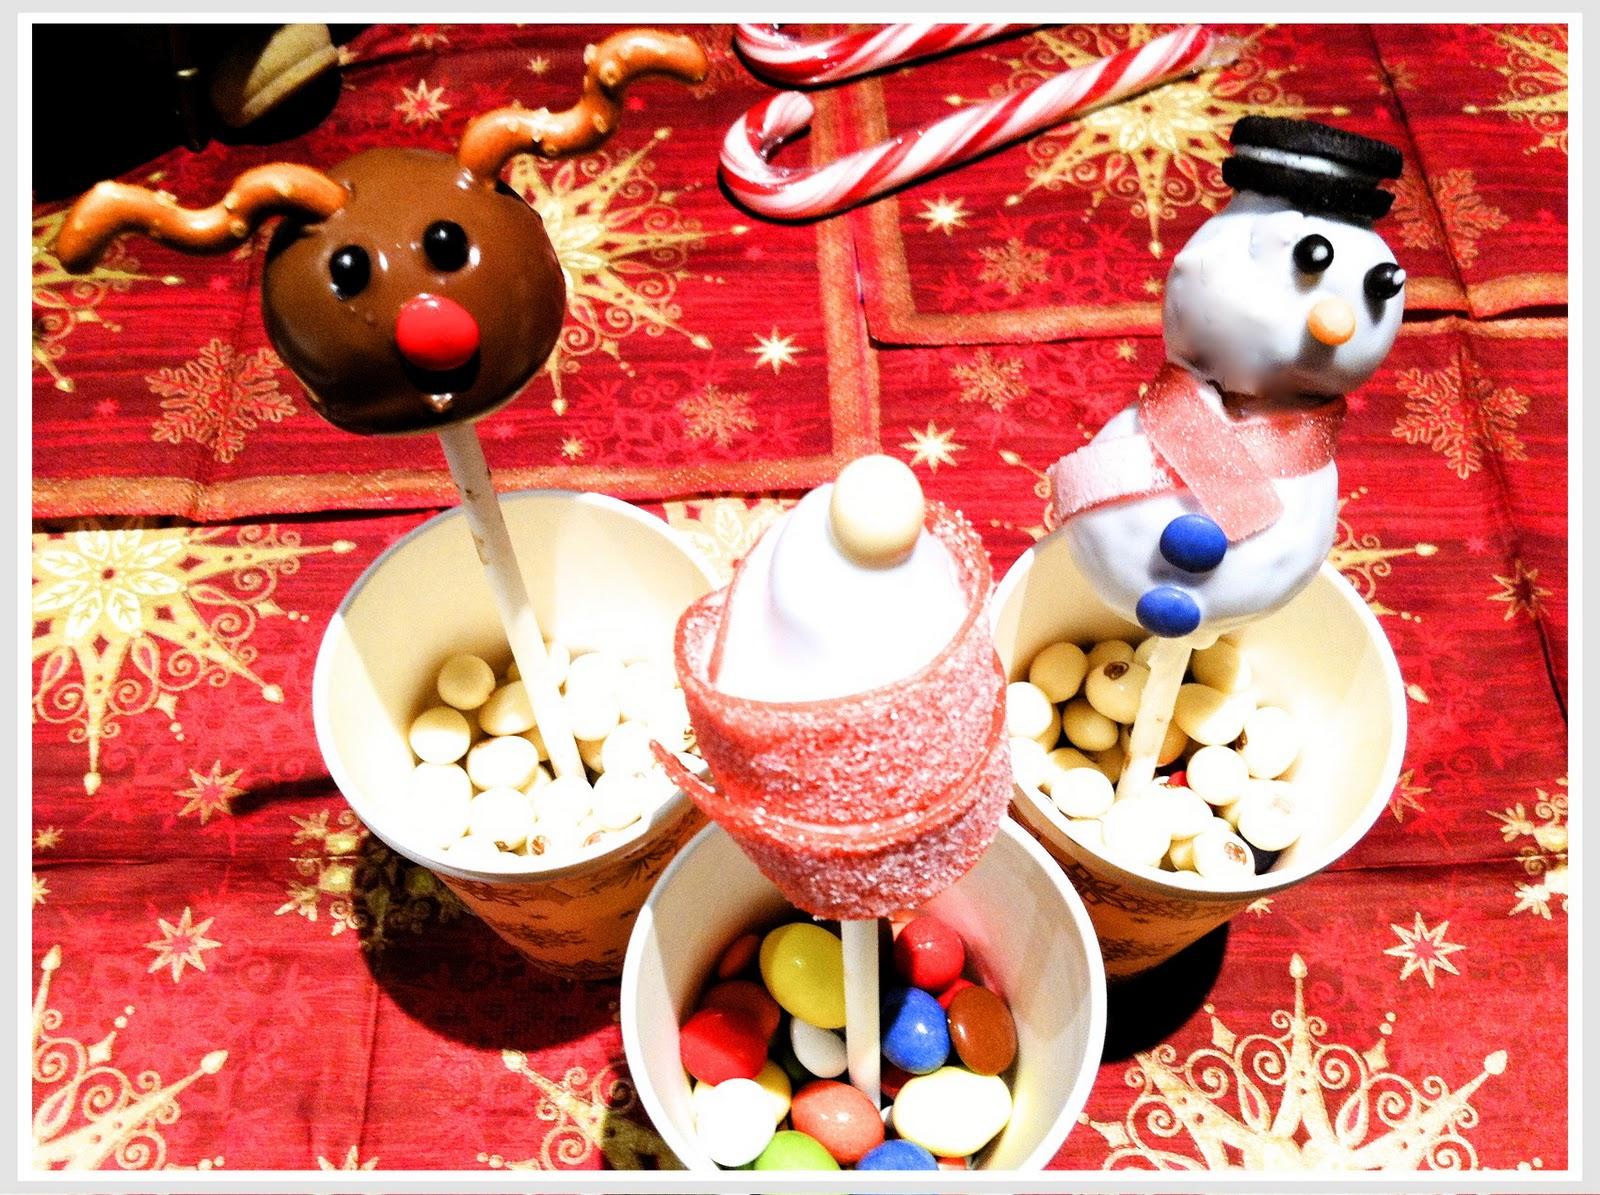 Las recetas de cocina de SofyLeon: Cake pops navideños